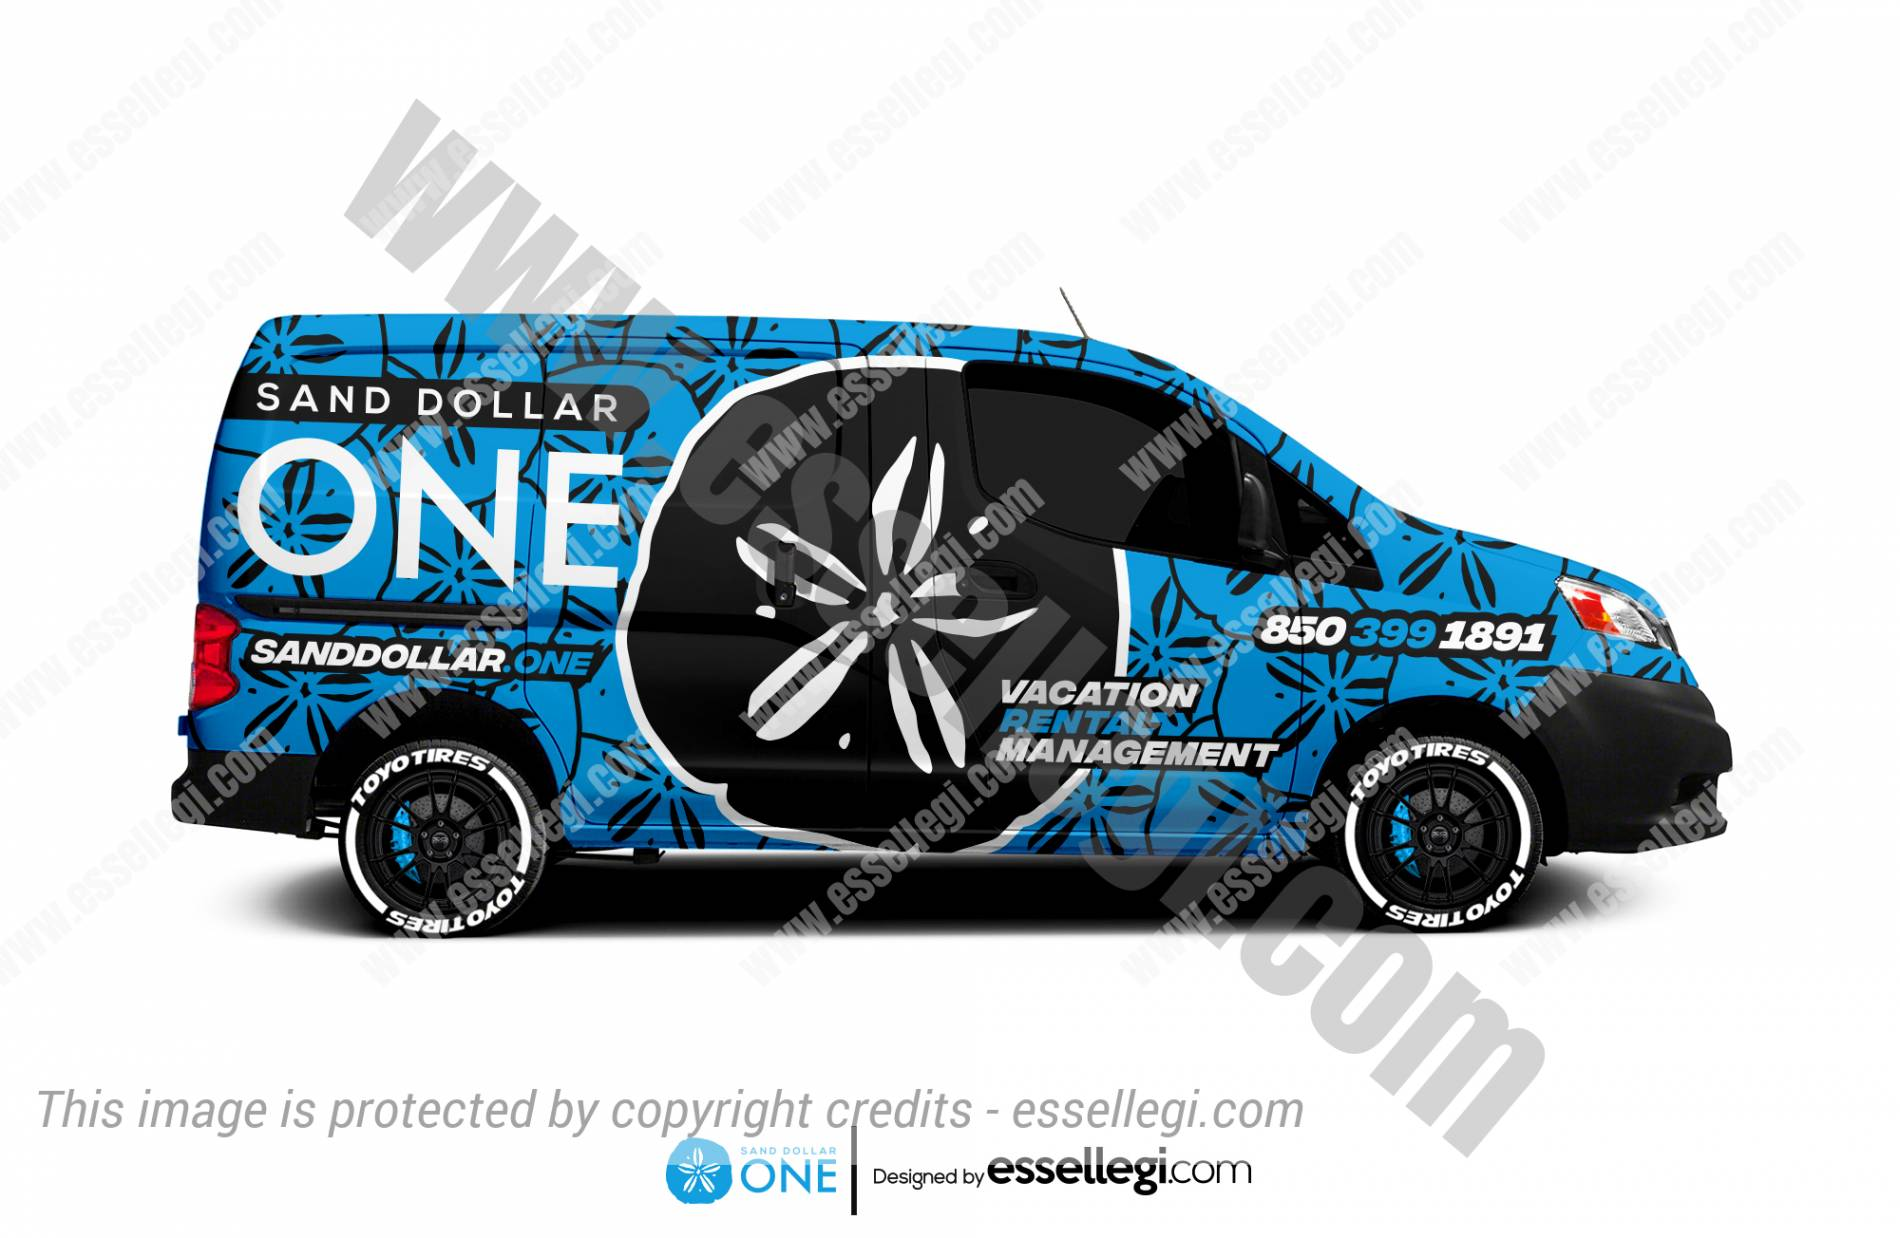 Nissan NV200 Wrap Design. Nissan NV200 Wrap | Van Wrap Design by Essellegi. Van Signs, Van Signage, Van Wrapping, Van Signwriting, Van Wrap Designer, Signs for Van, Van Logo, Van Graphic by Essellegi.